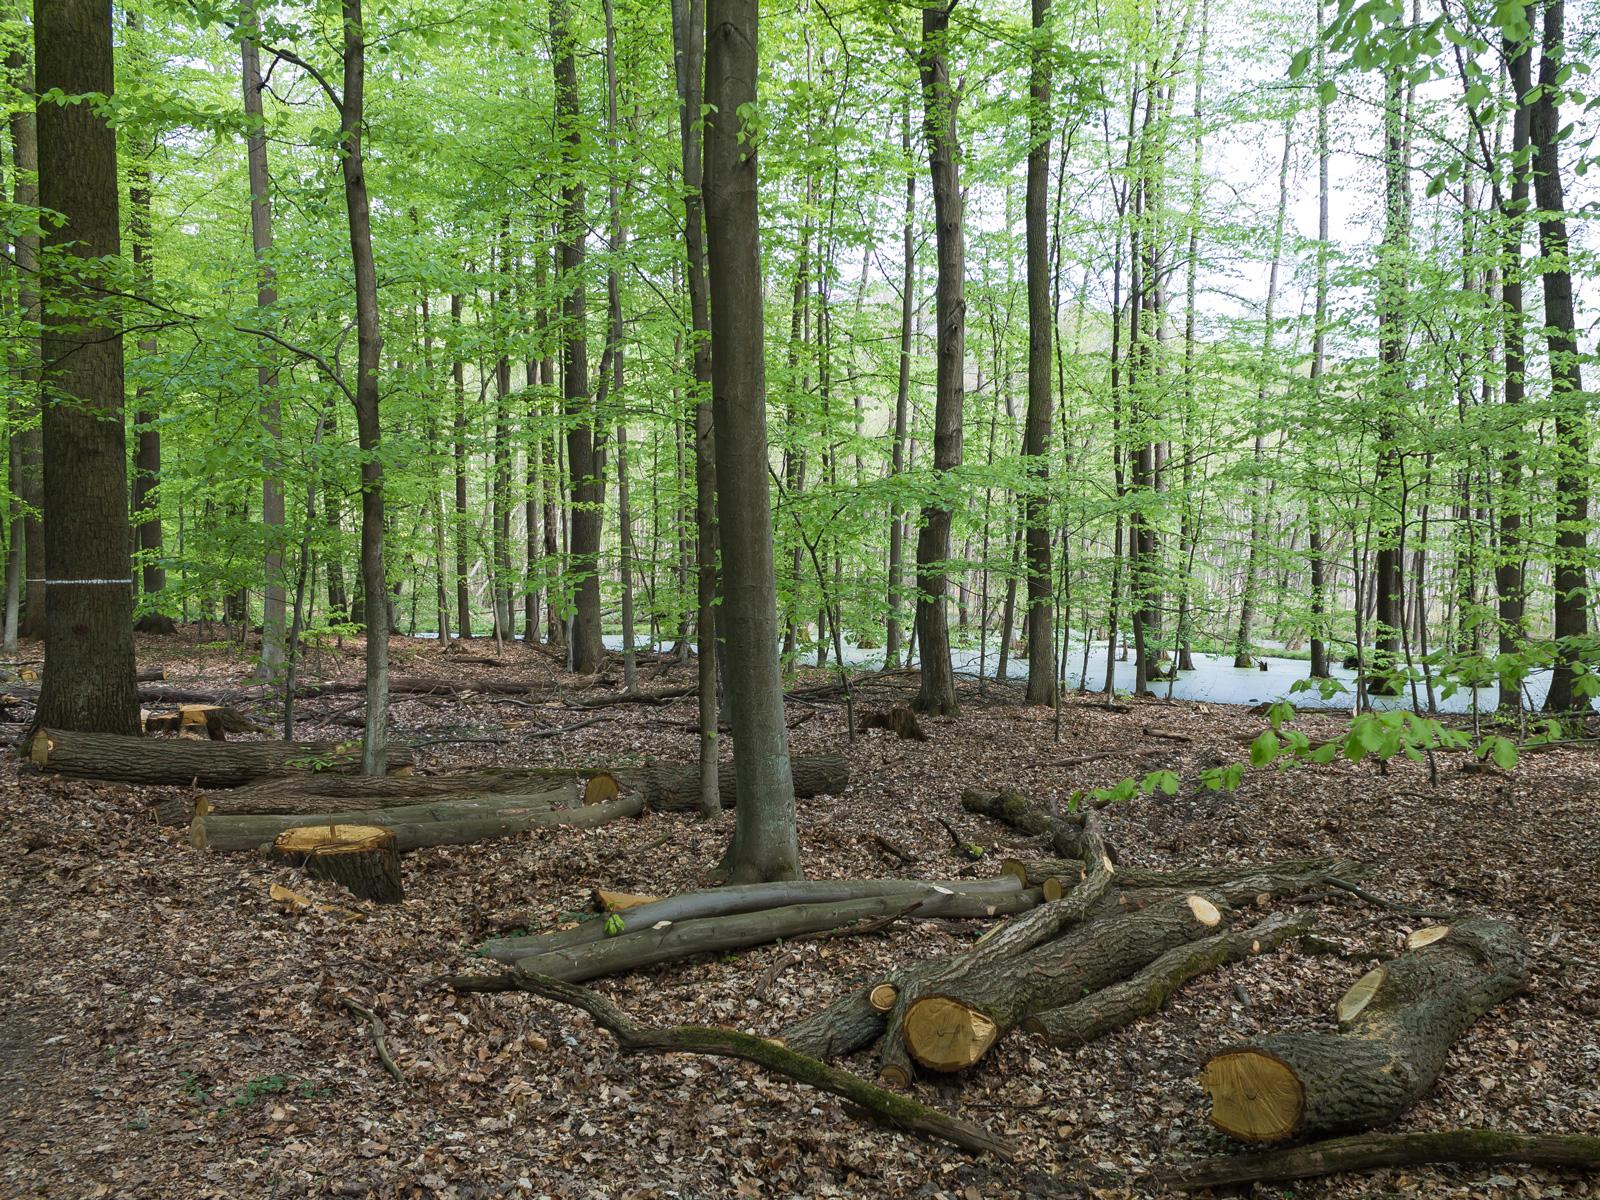 Holzfällarbeiten neben Erlen-Bruchwäldern